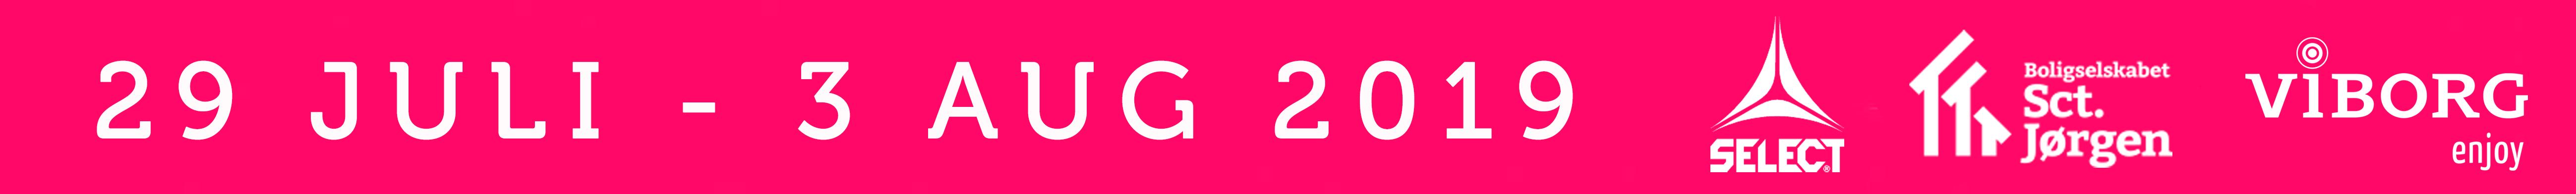 DATO DANSK 2019